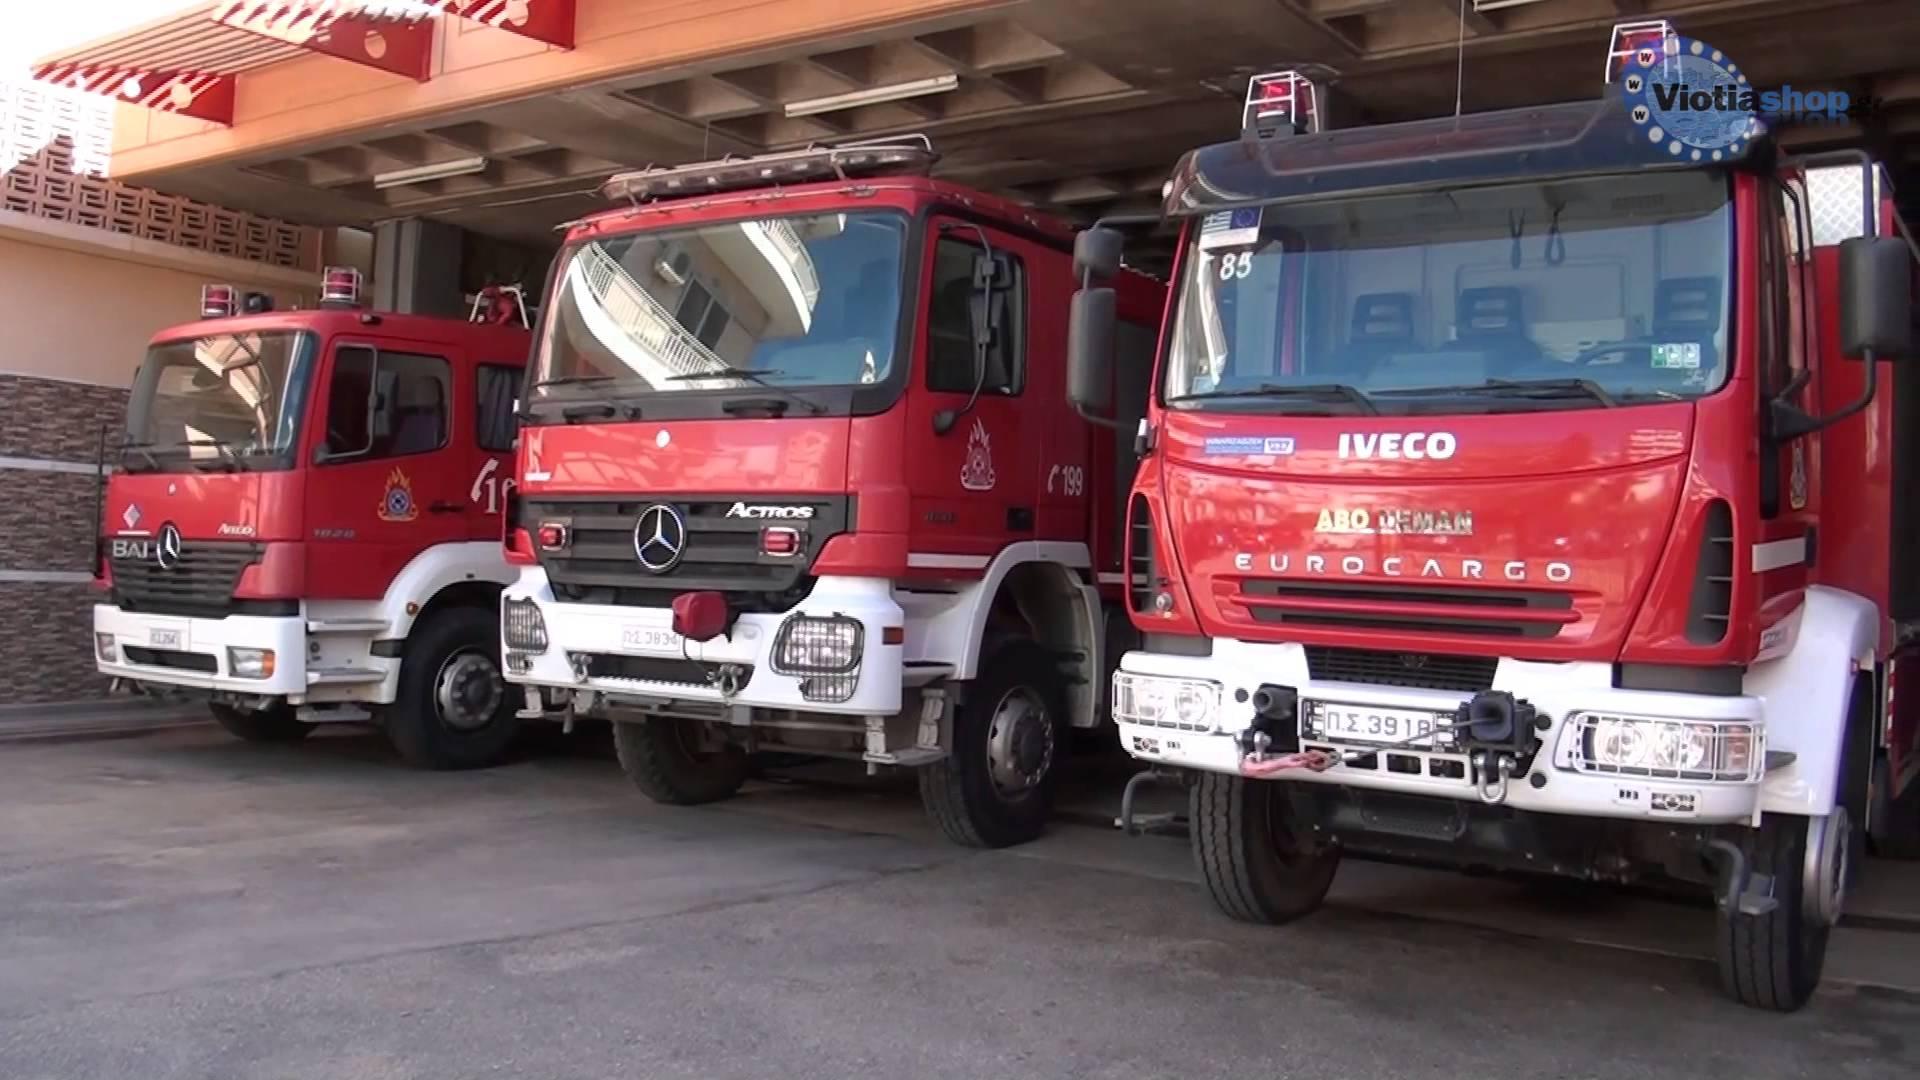 Πυλαία: Επιχείρηση της Πυροσβεστικής για πτώση ατόμου στο ρέμα